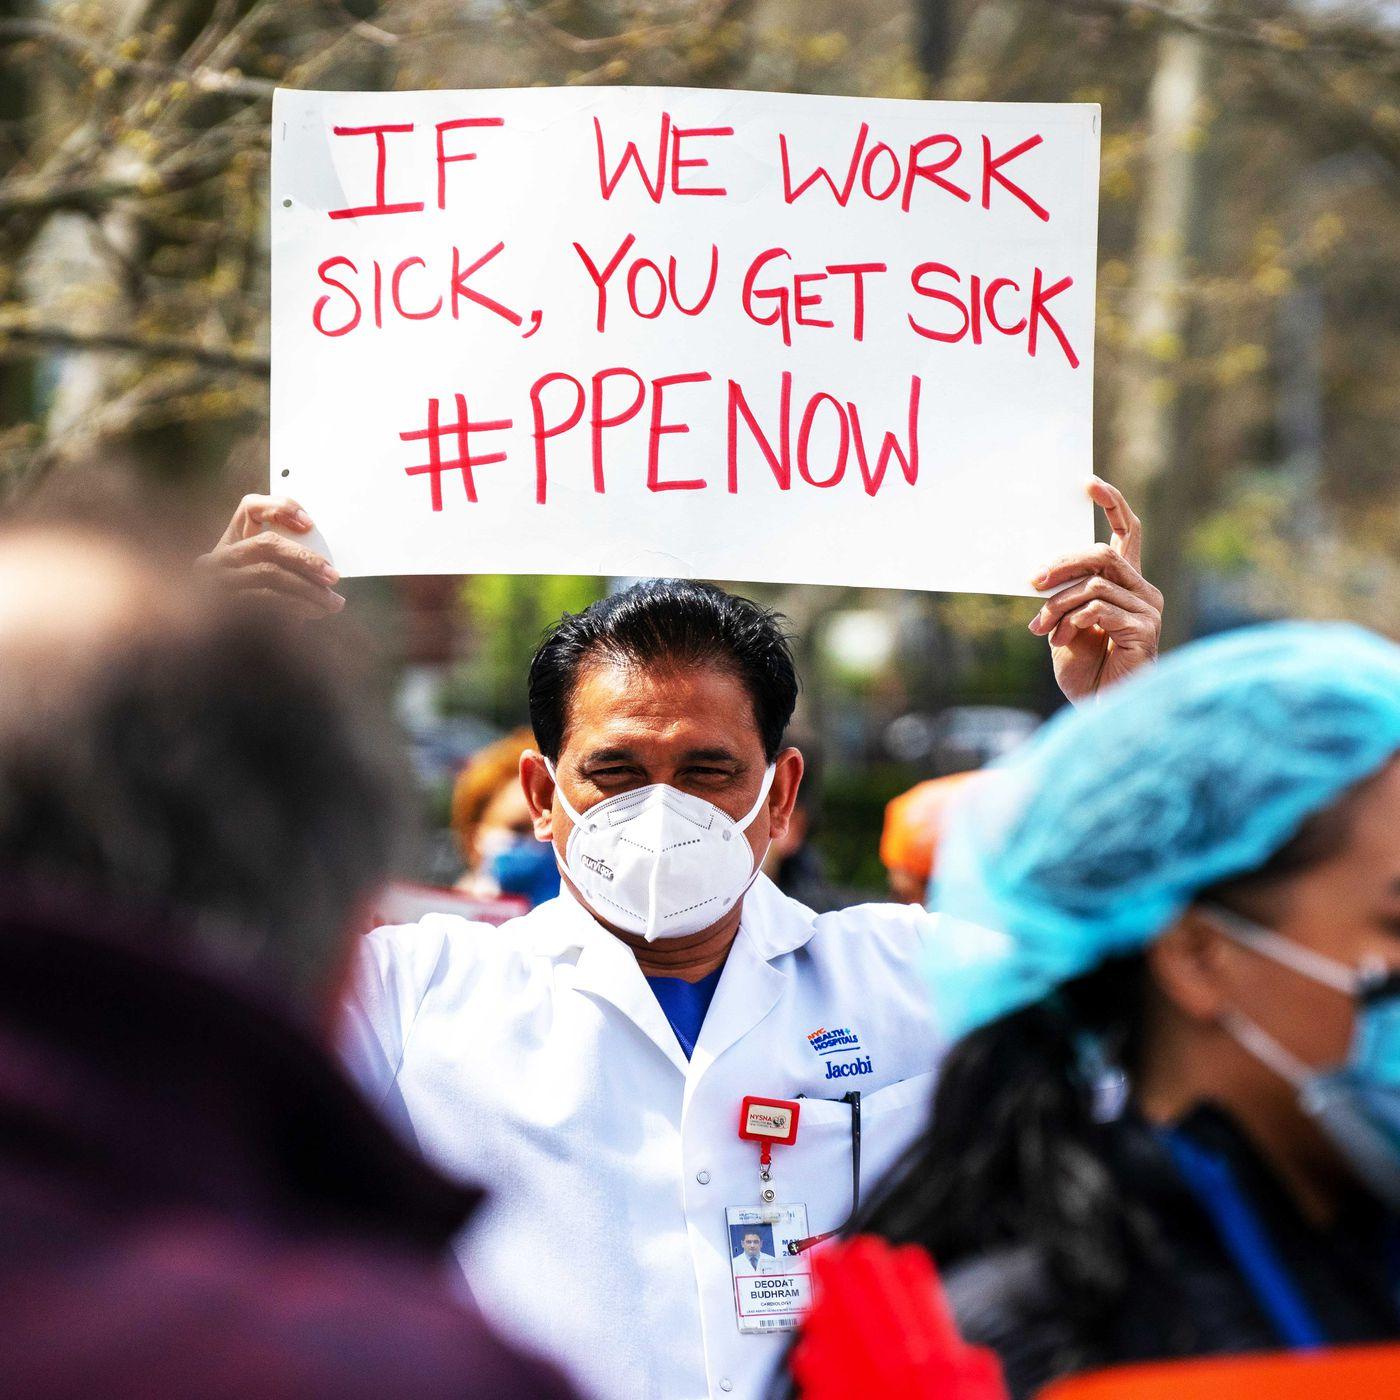 圖為早前有人在紐約布朗士抗議,爭取保護有薪病假的政策。    美聯社